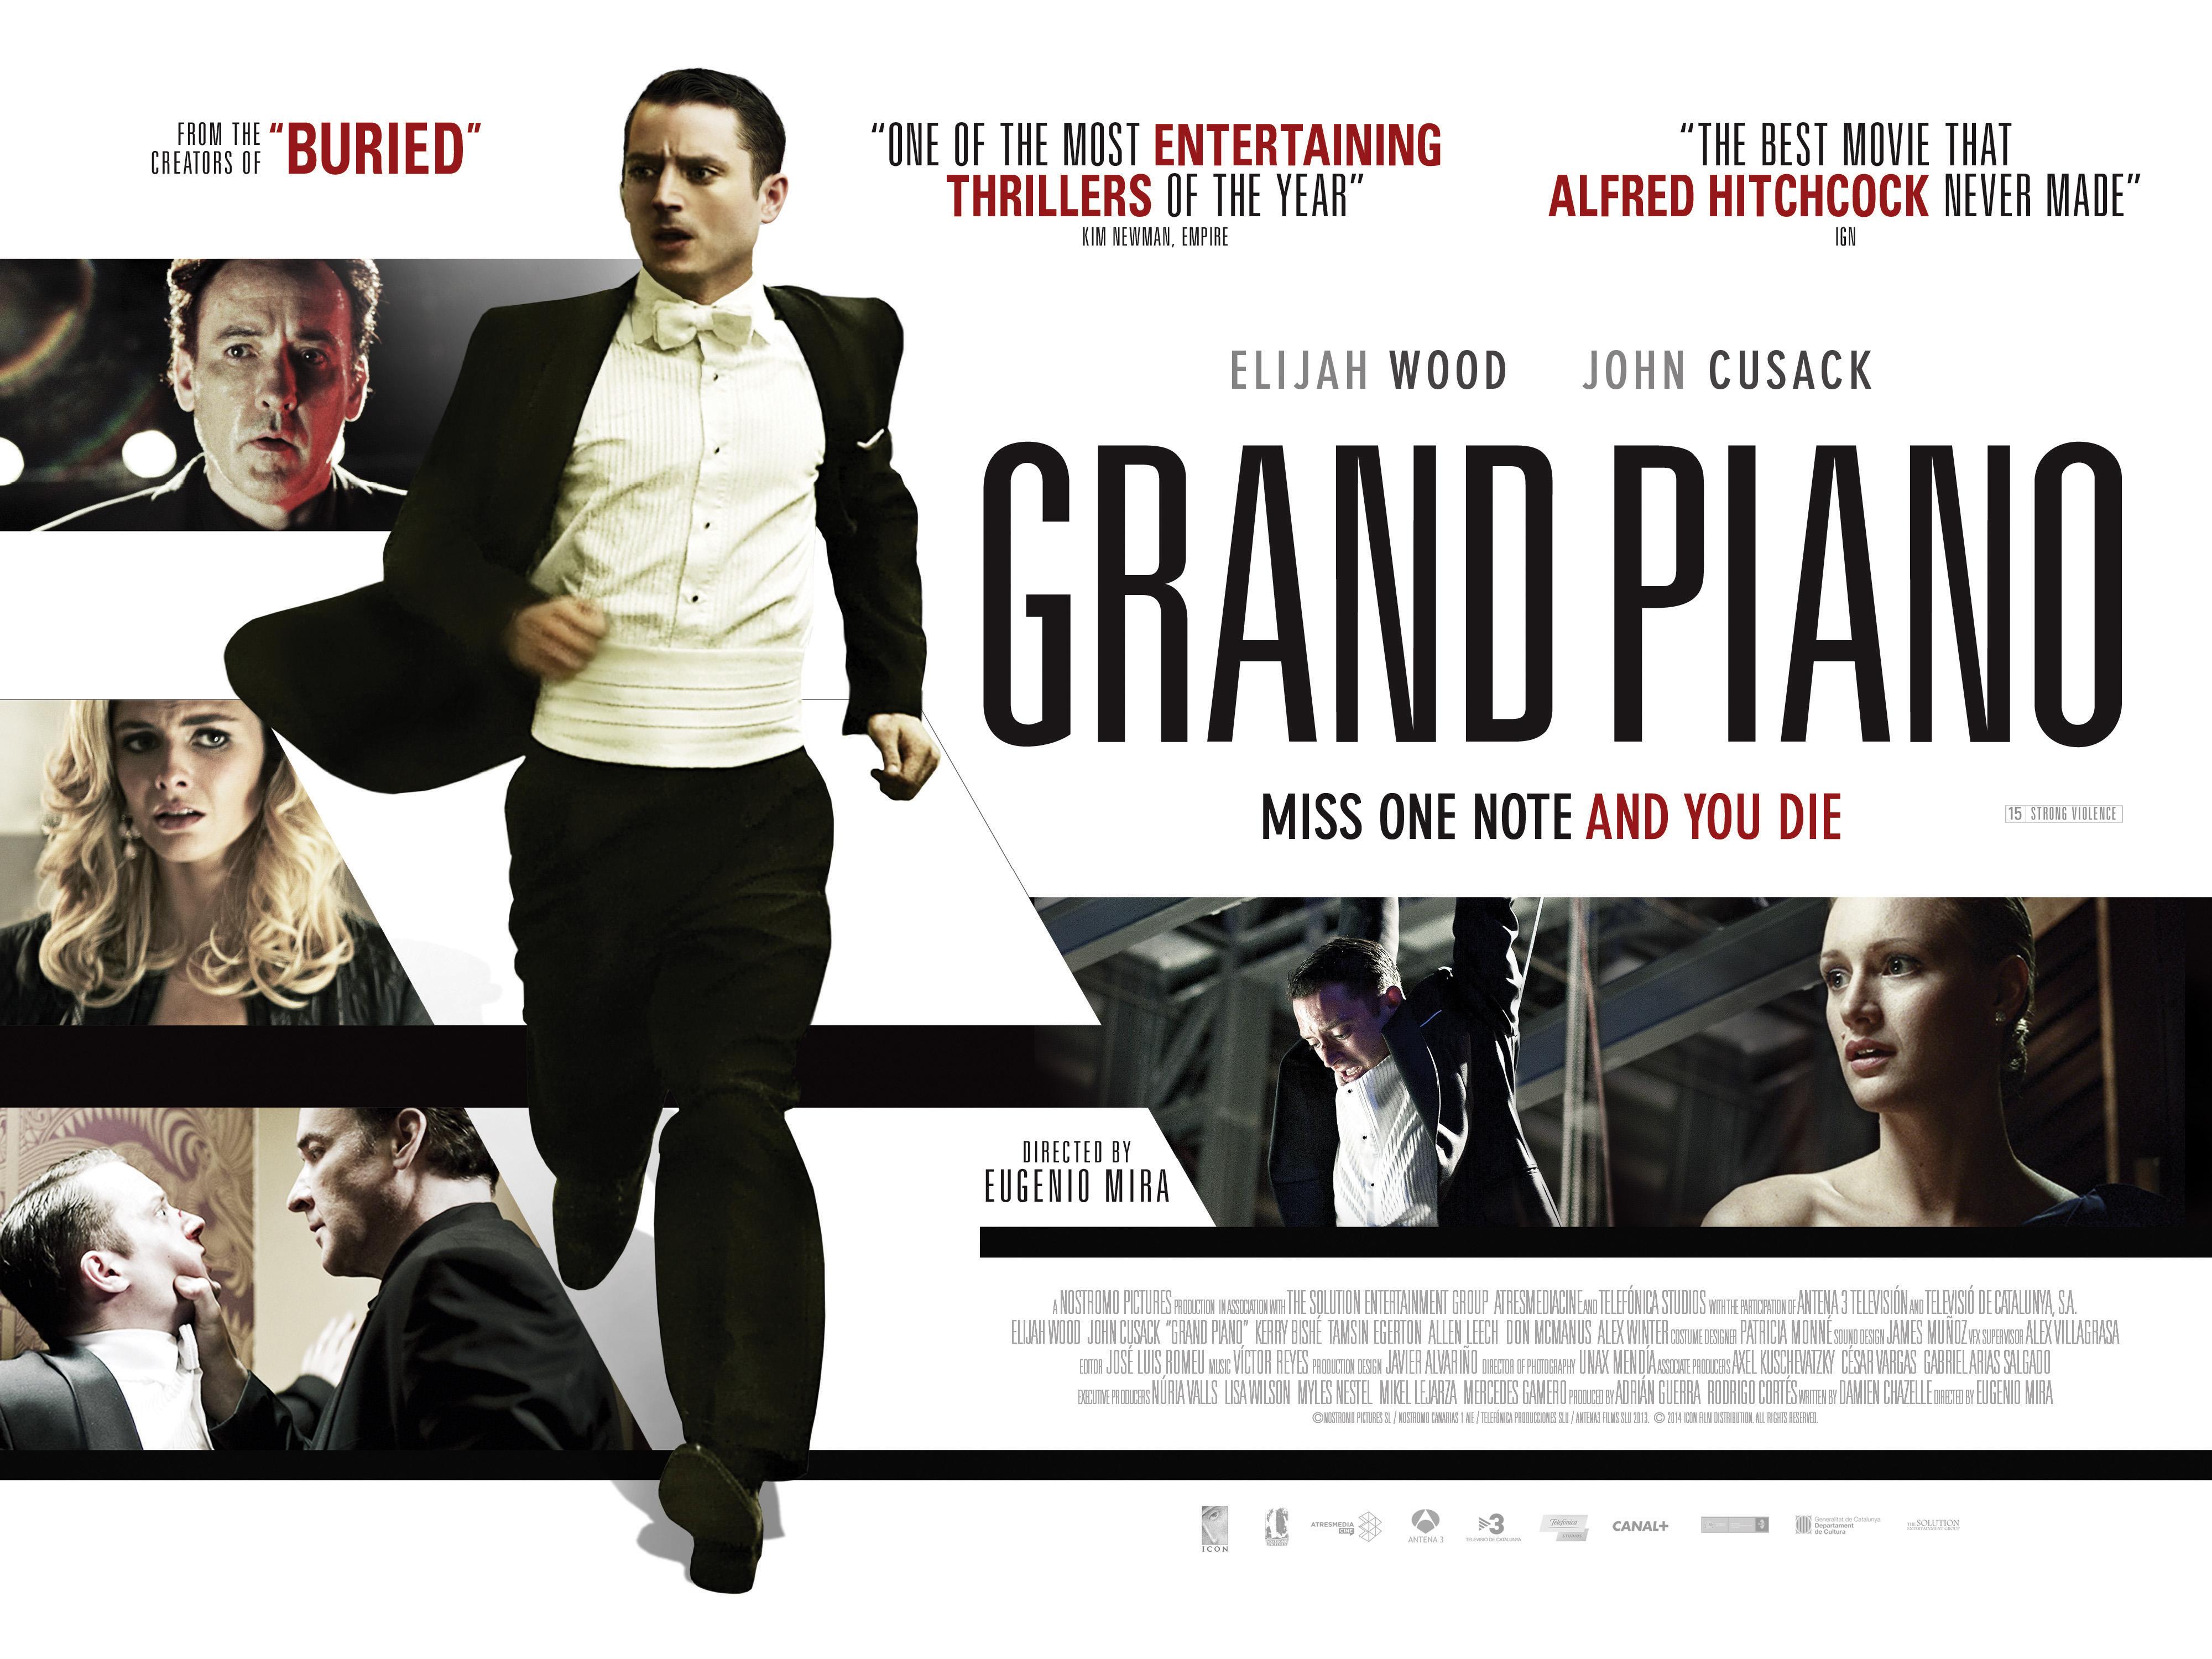 grand piano fetch publicity